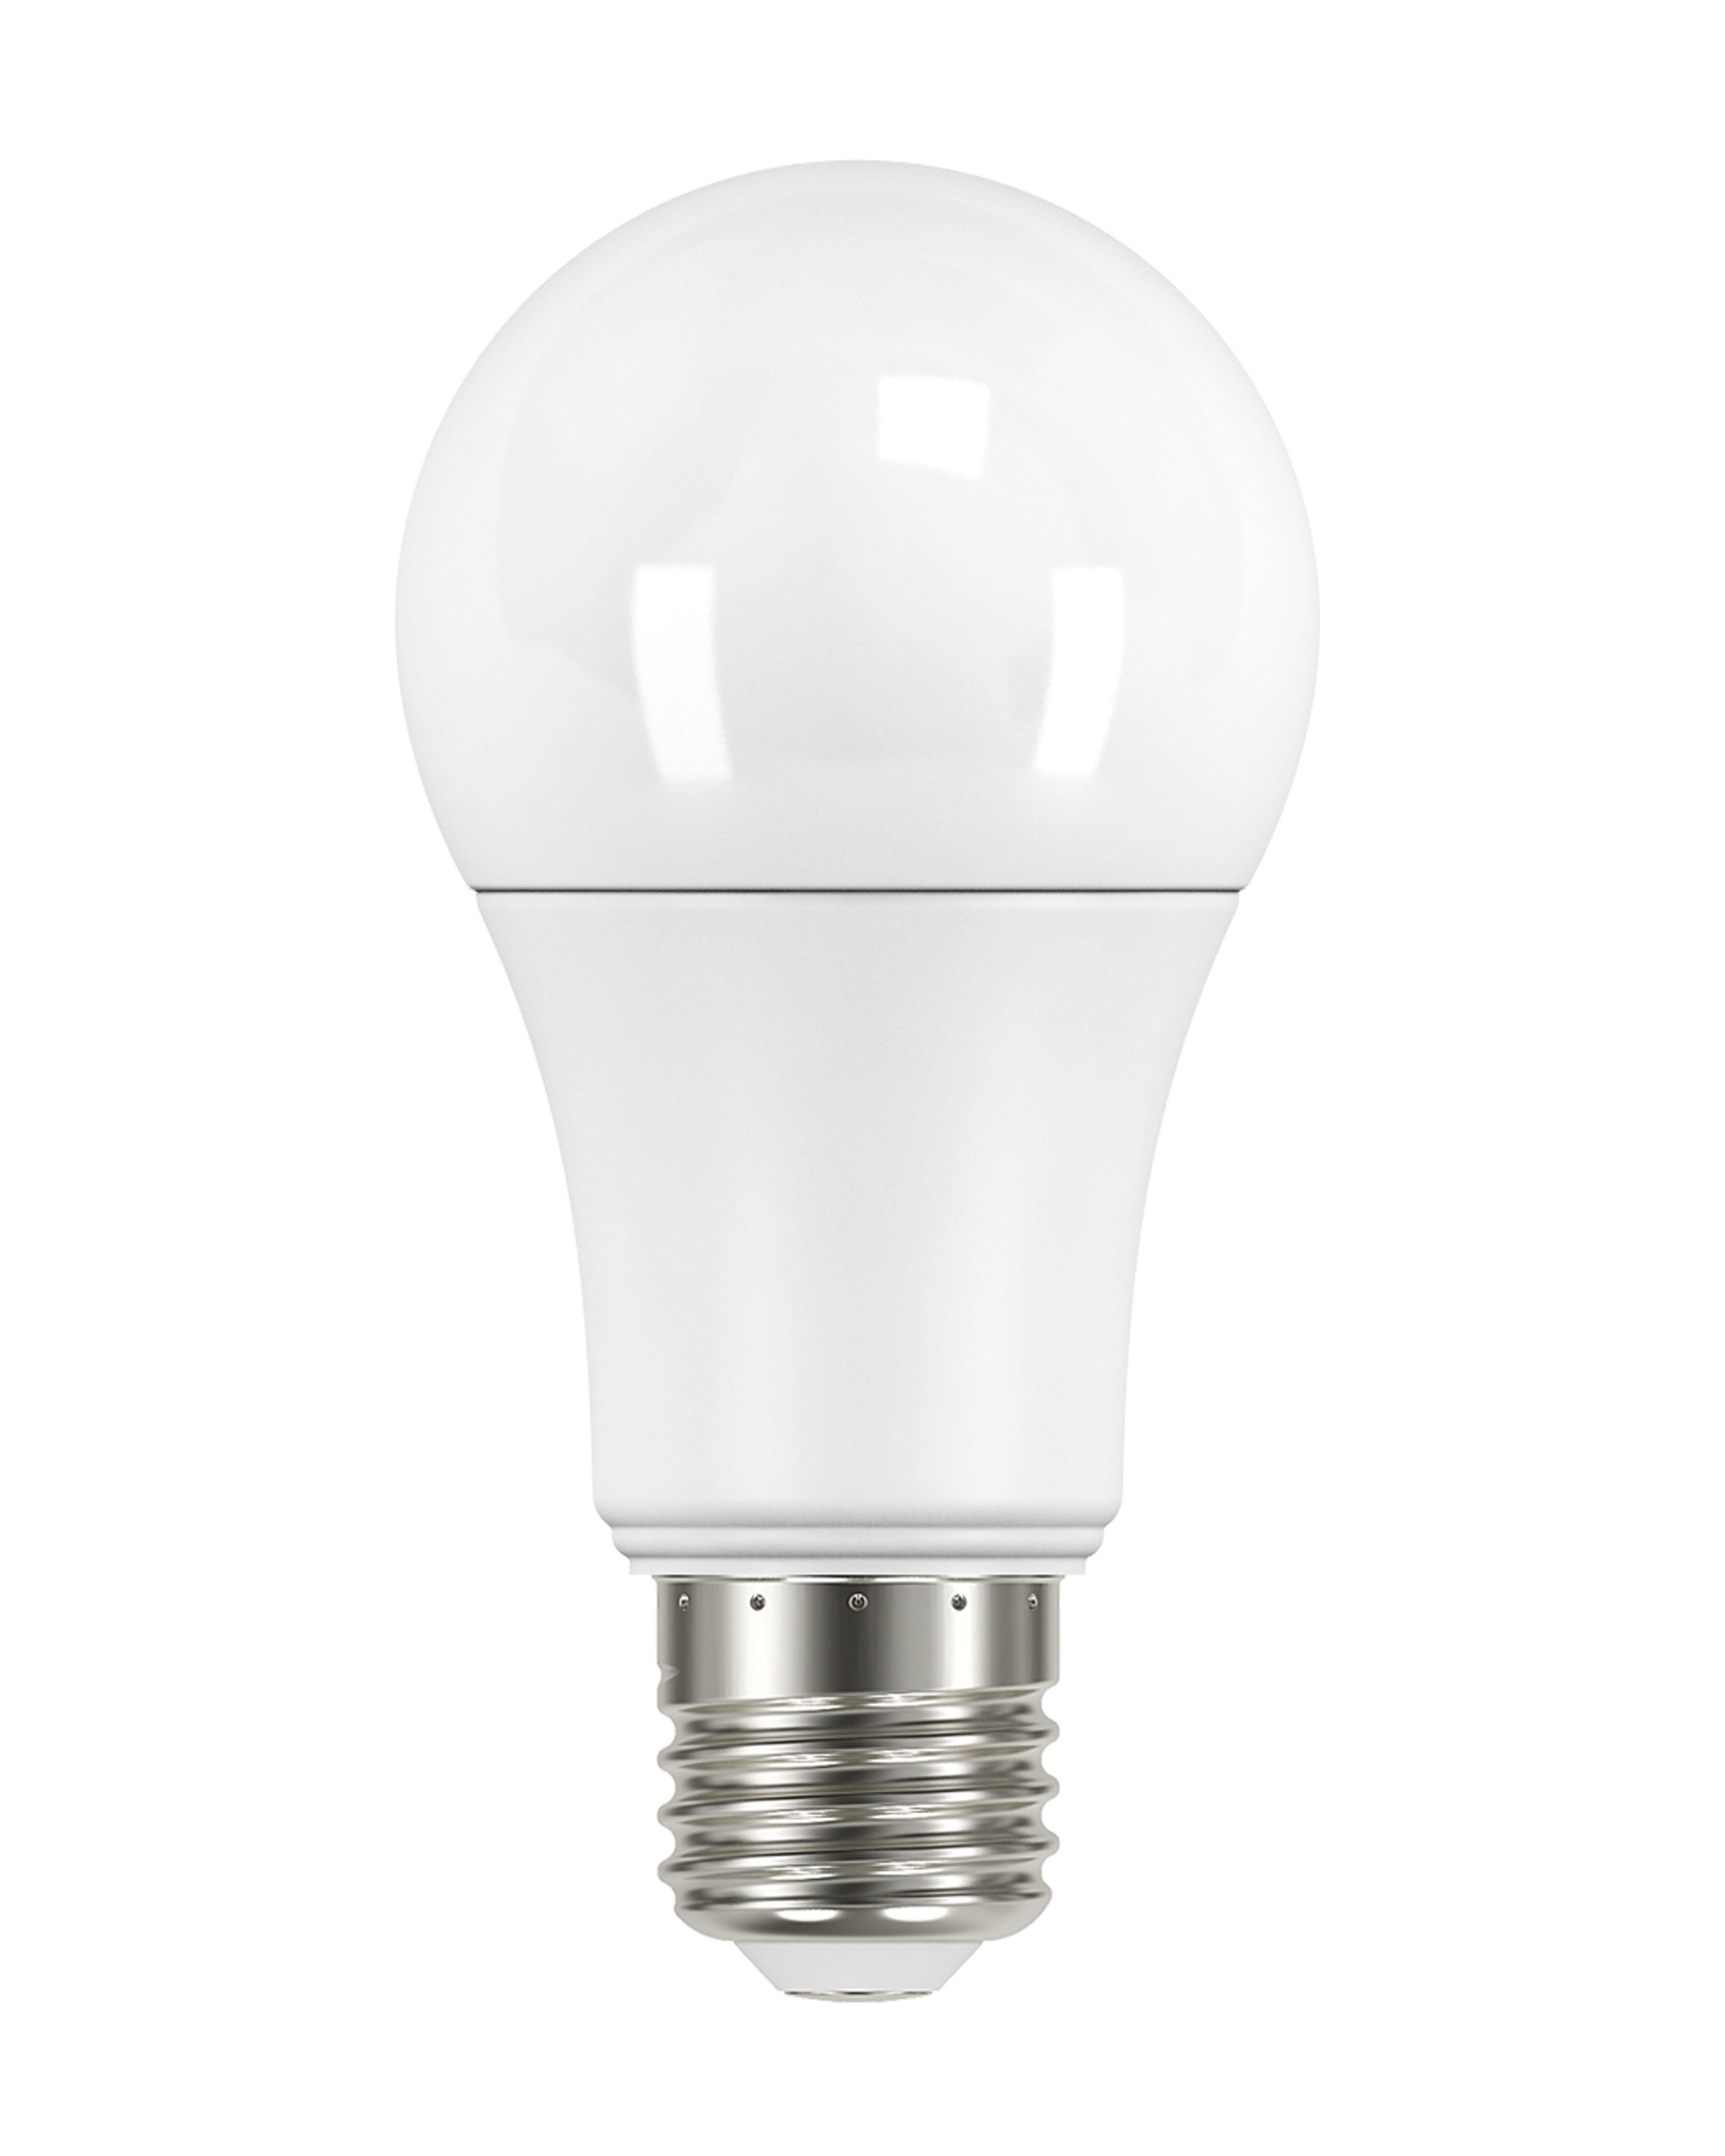 Купить Лампа светодиодная Osram LSCLA100 11, 5W/865 230V FR E2710X1RUOsram дневной свет, Osram Ledvance